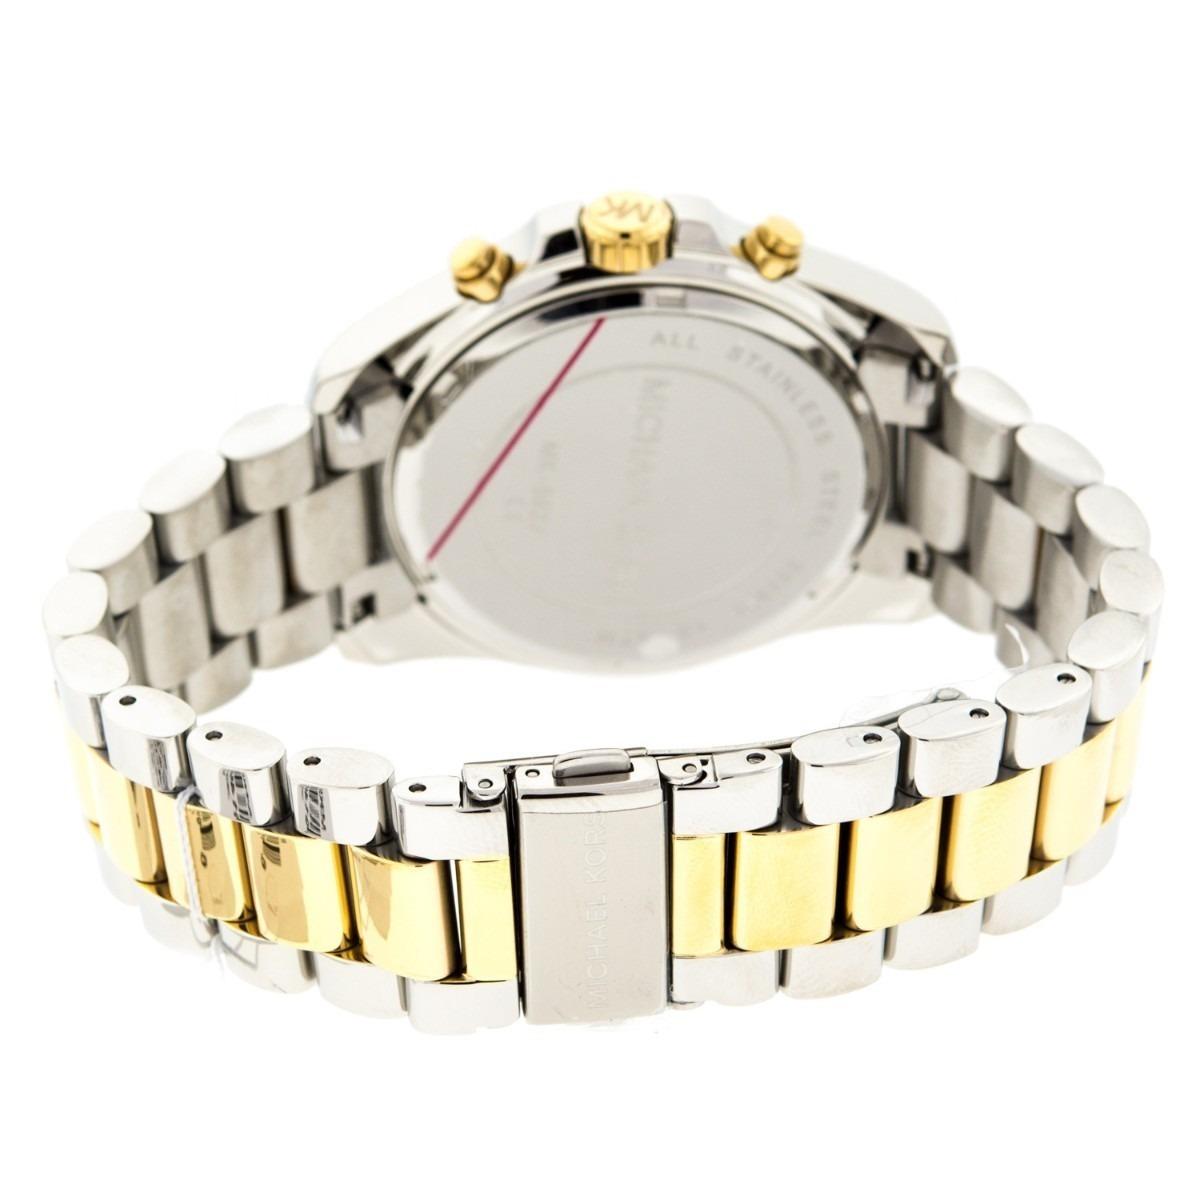 b09fdb2f9bd relógio michael kors mk5627 prata dourado completo. Carregando zoom.